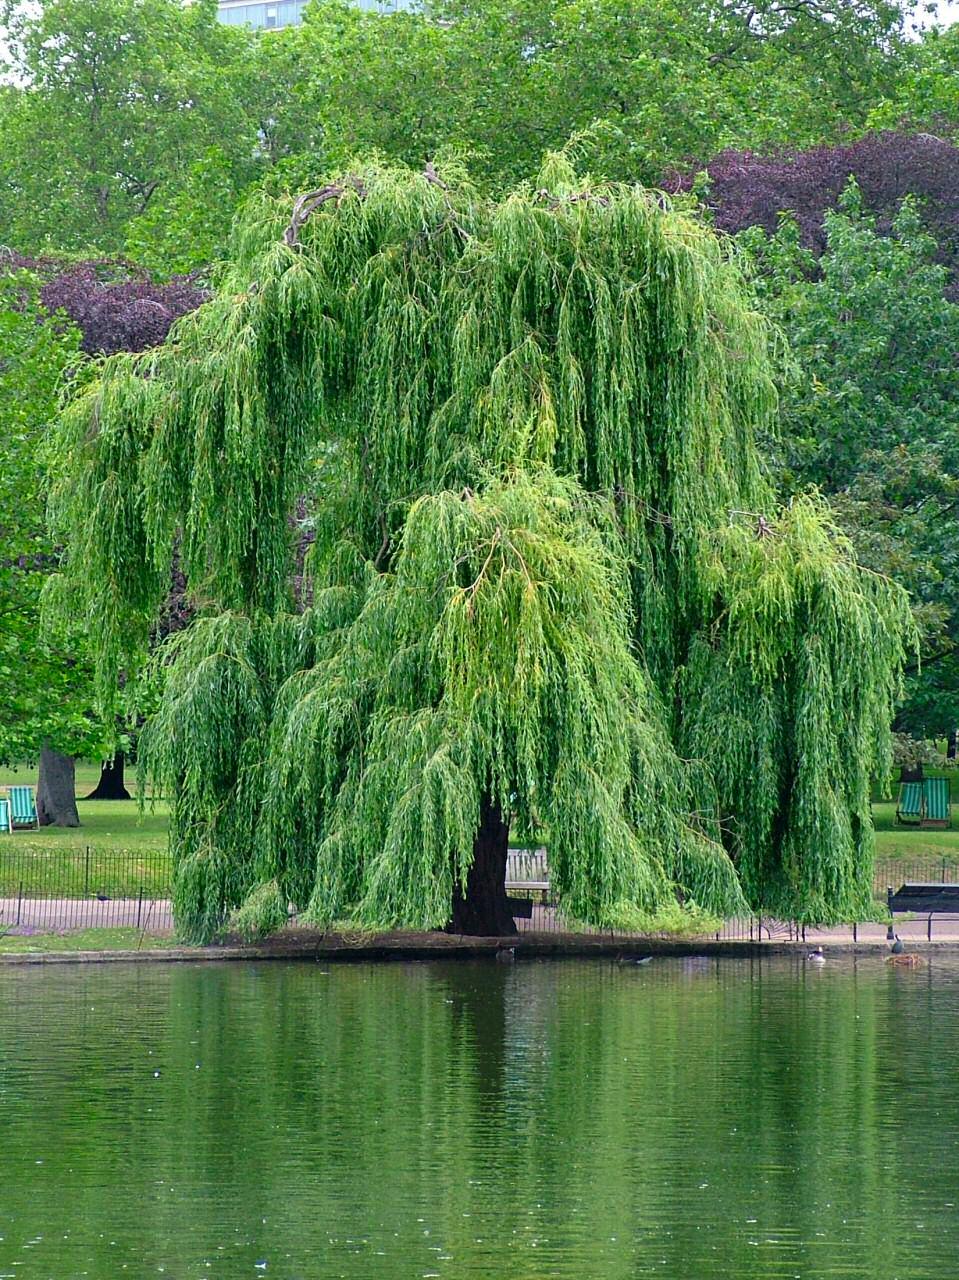 ива дерево фото посредники, платите никаких